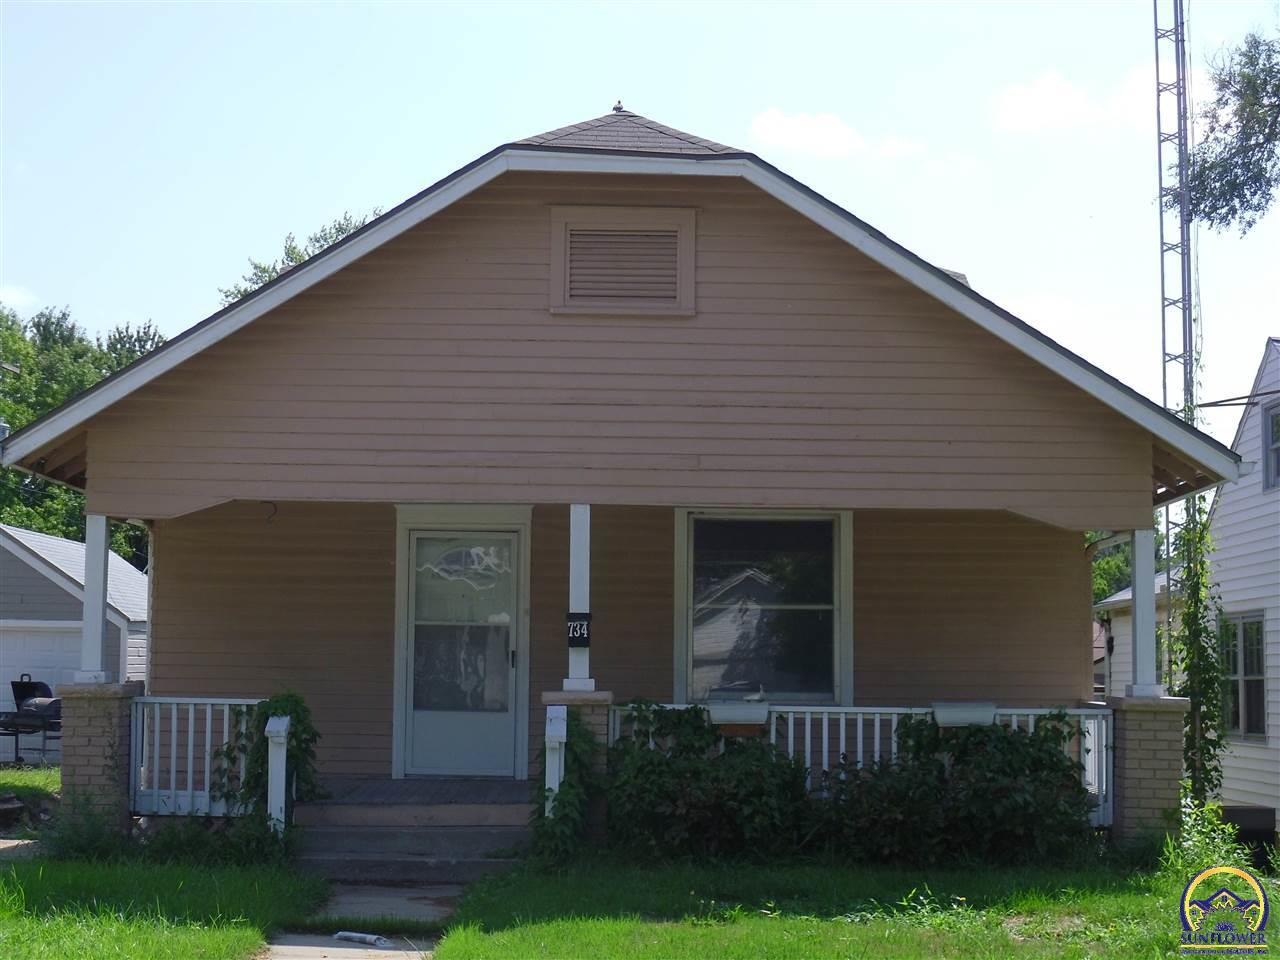 Photo of 734 SW Randolph AVE Topeka KS 66606